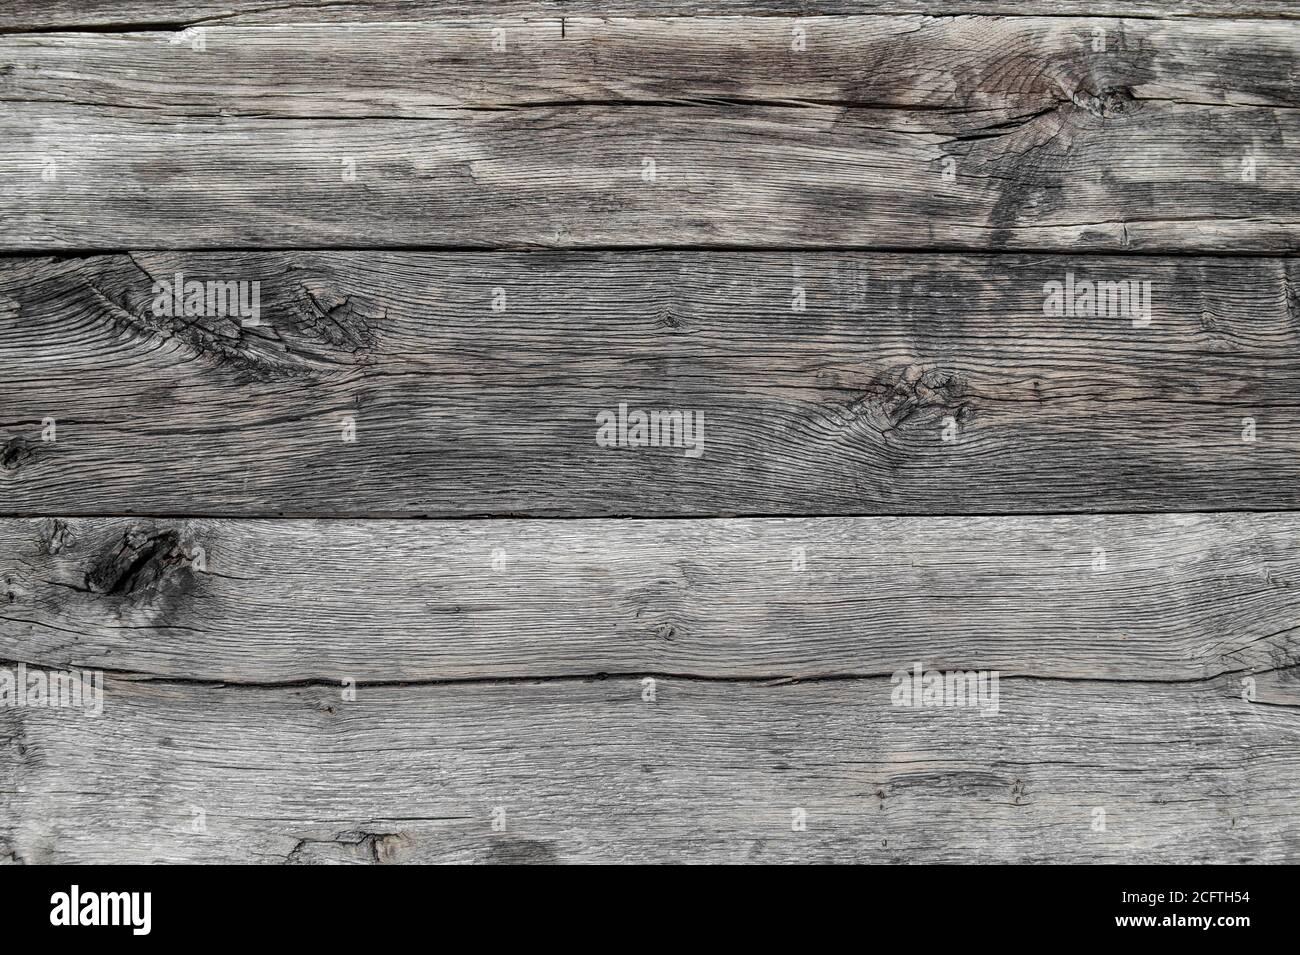 Texture du bois. Fond en bois rustique gris patiné Banque D'Images